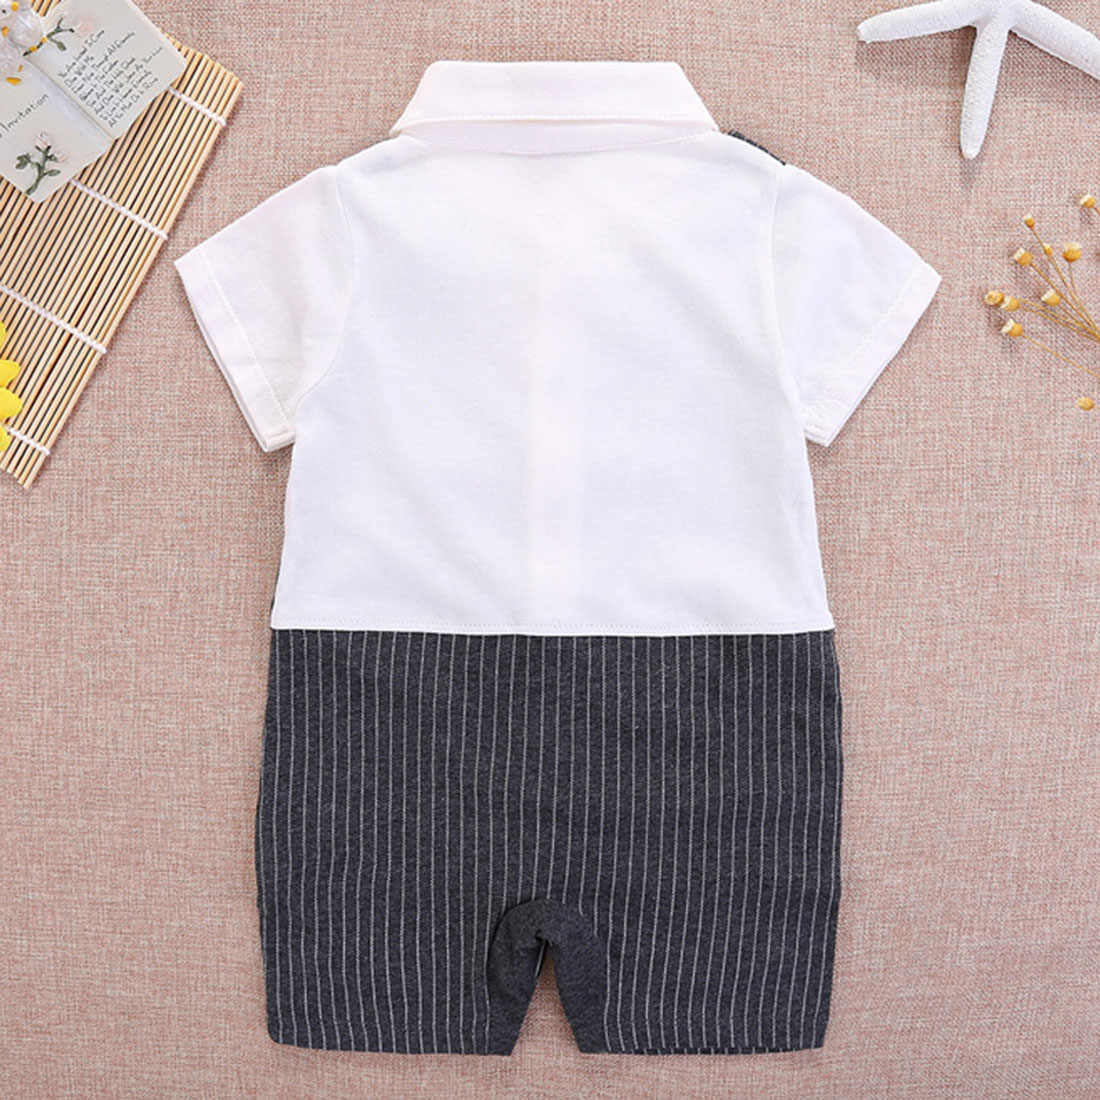 קיד Onesies ילד תינוק בגדי ילד 0-1 T יילוד פס Romper פורמליות שרוול קצר פעוט קיץ אדון חדש אופנה סרבל